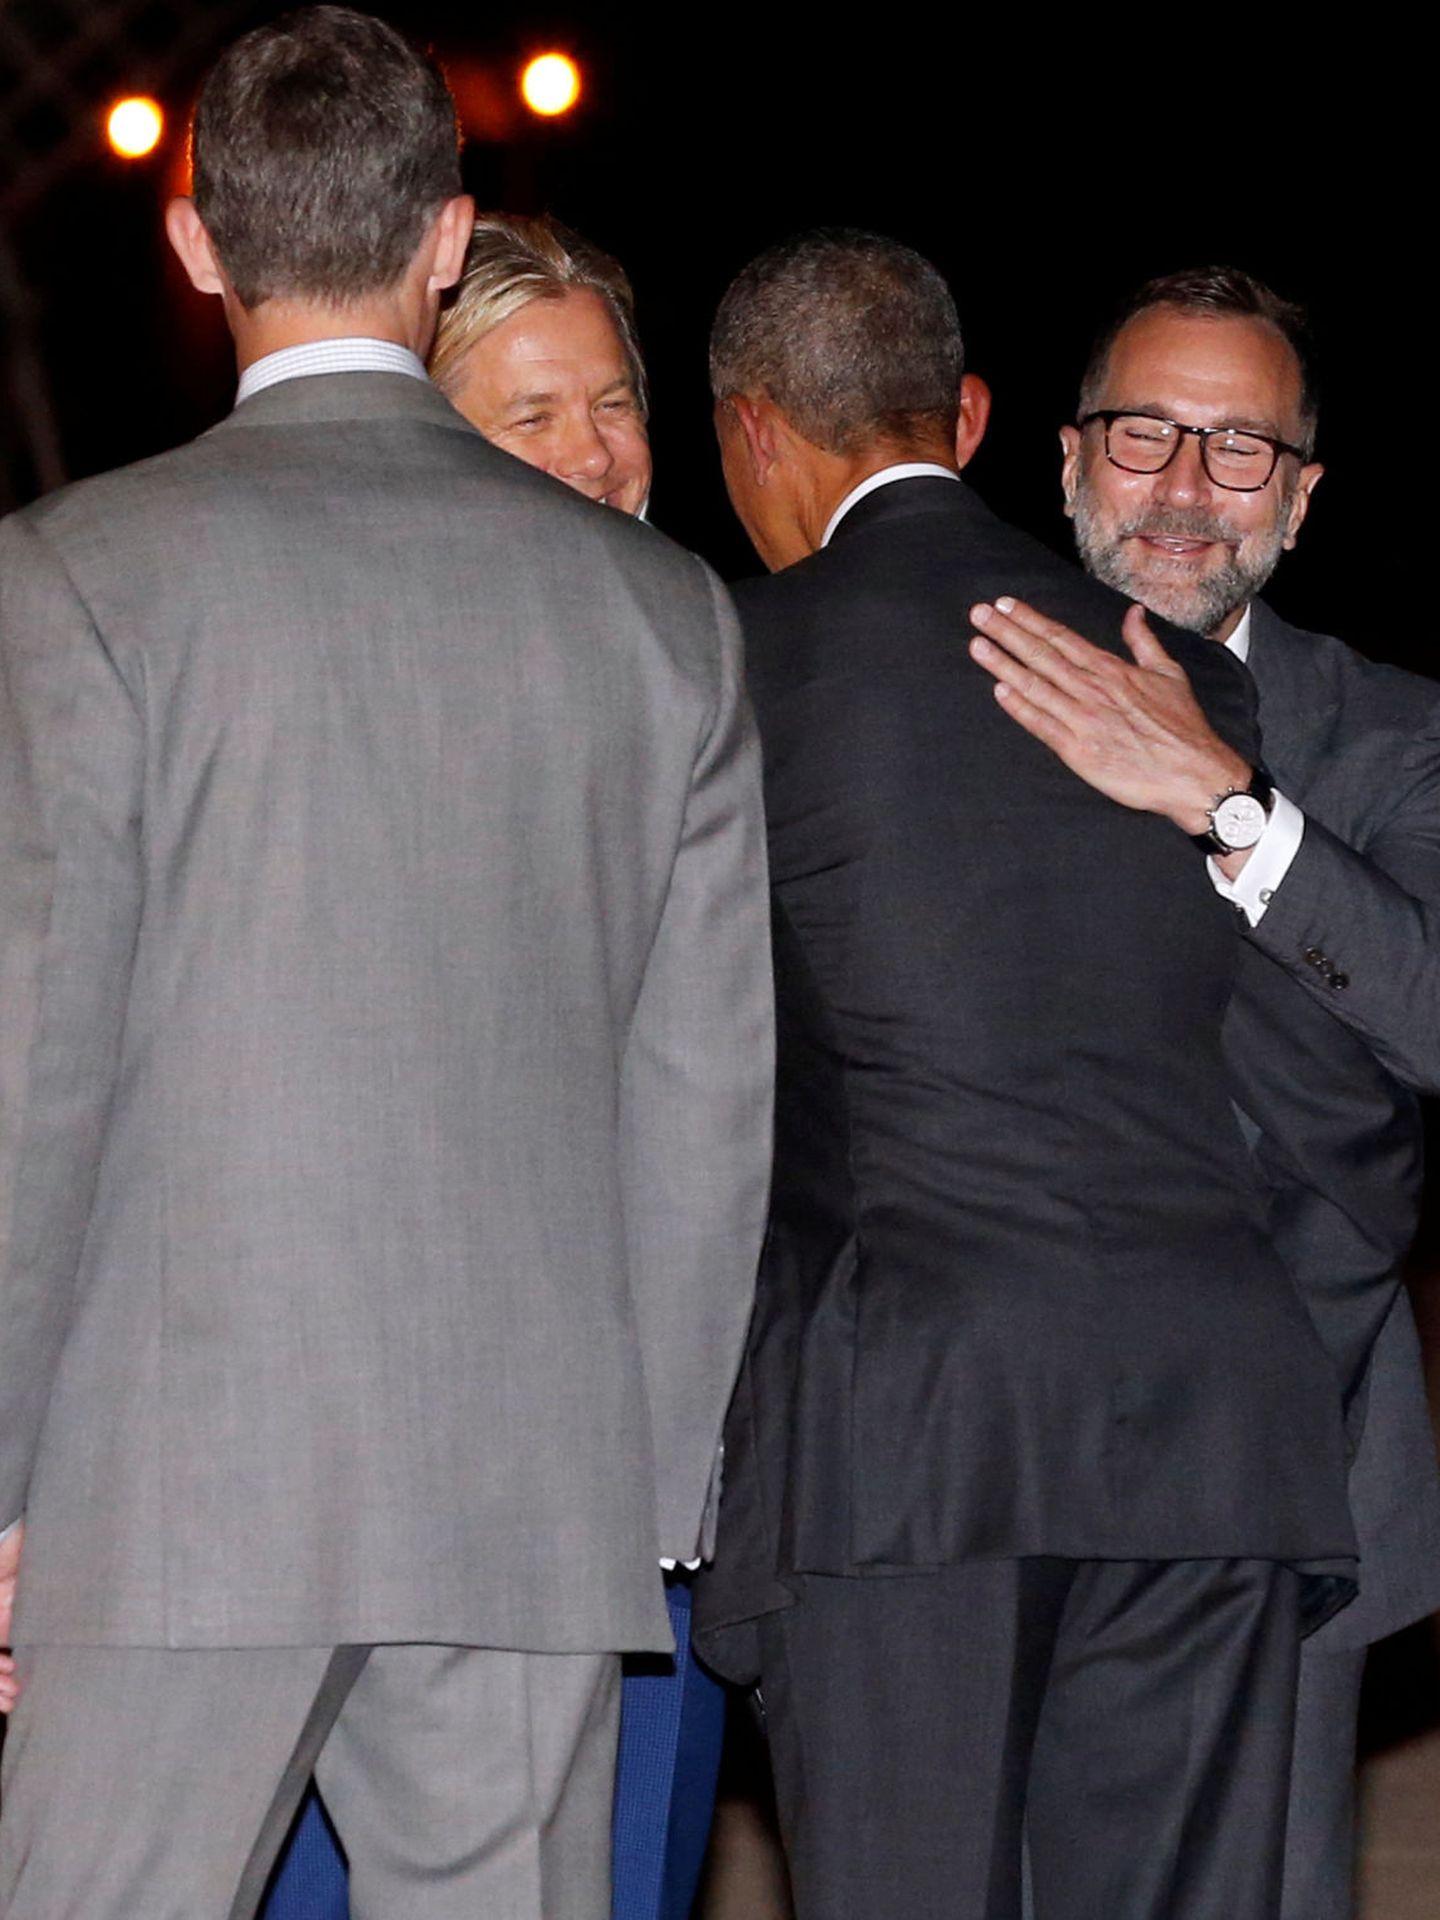 James Costos y Michael Smith con Barack Obama y Felipe VI en Madrid, en 2016. (Reuters)